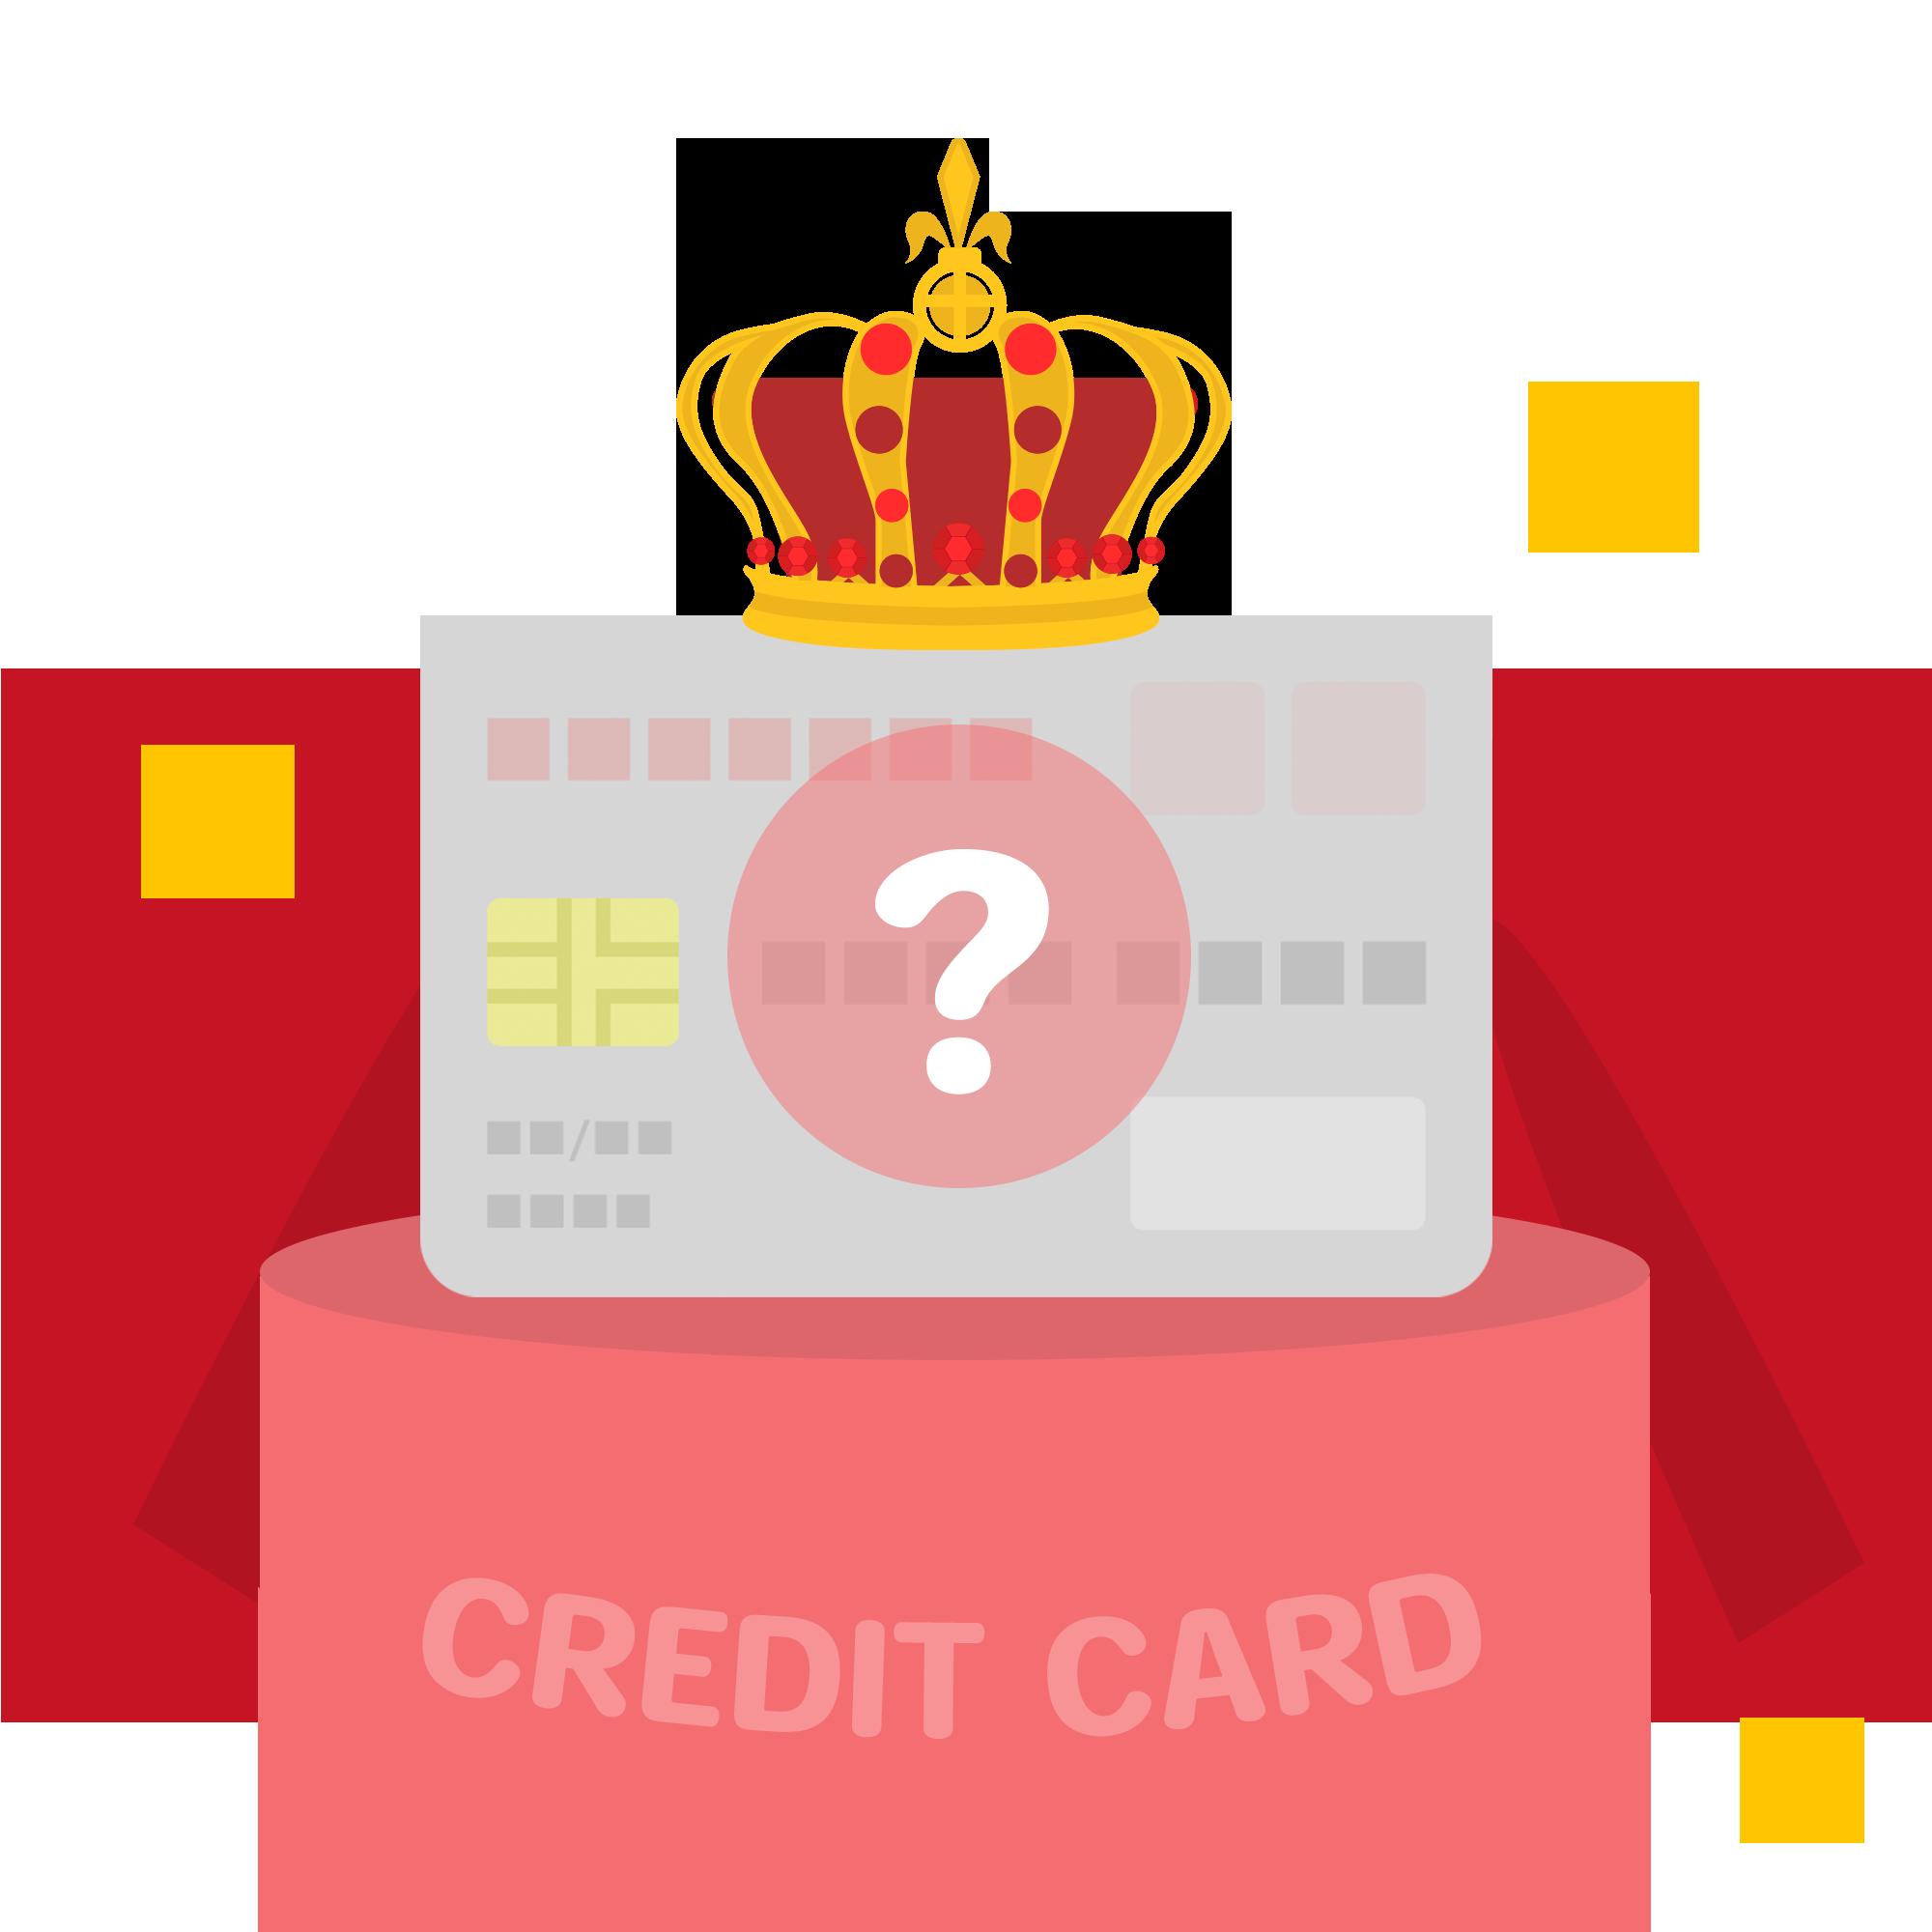 人気クレジットカードのイラスト